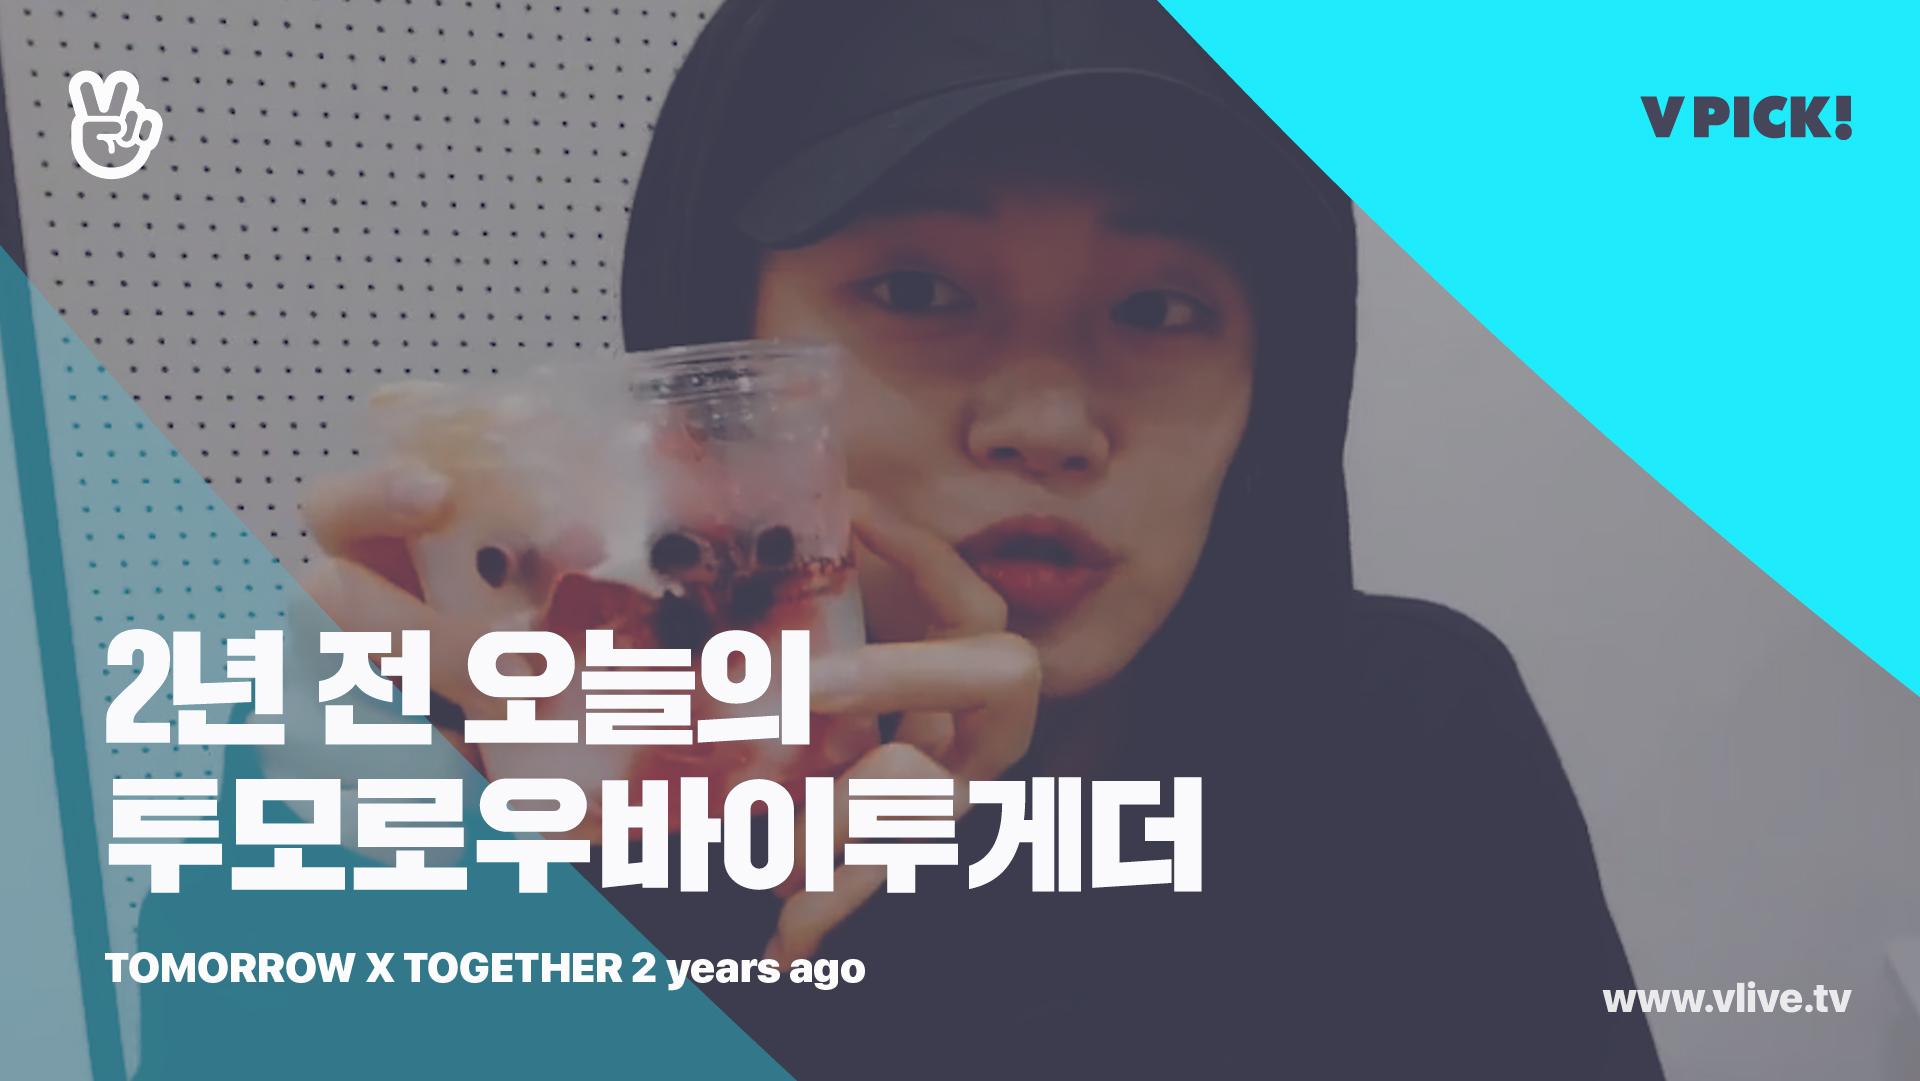 [2년 전 오늘의 TXT] 차가운 게 아니고 울 쭈니가 프로아이돌이라서..🍧 (YEONJUN's V 2 years ago)